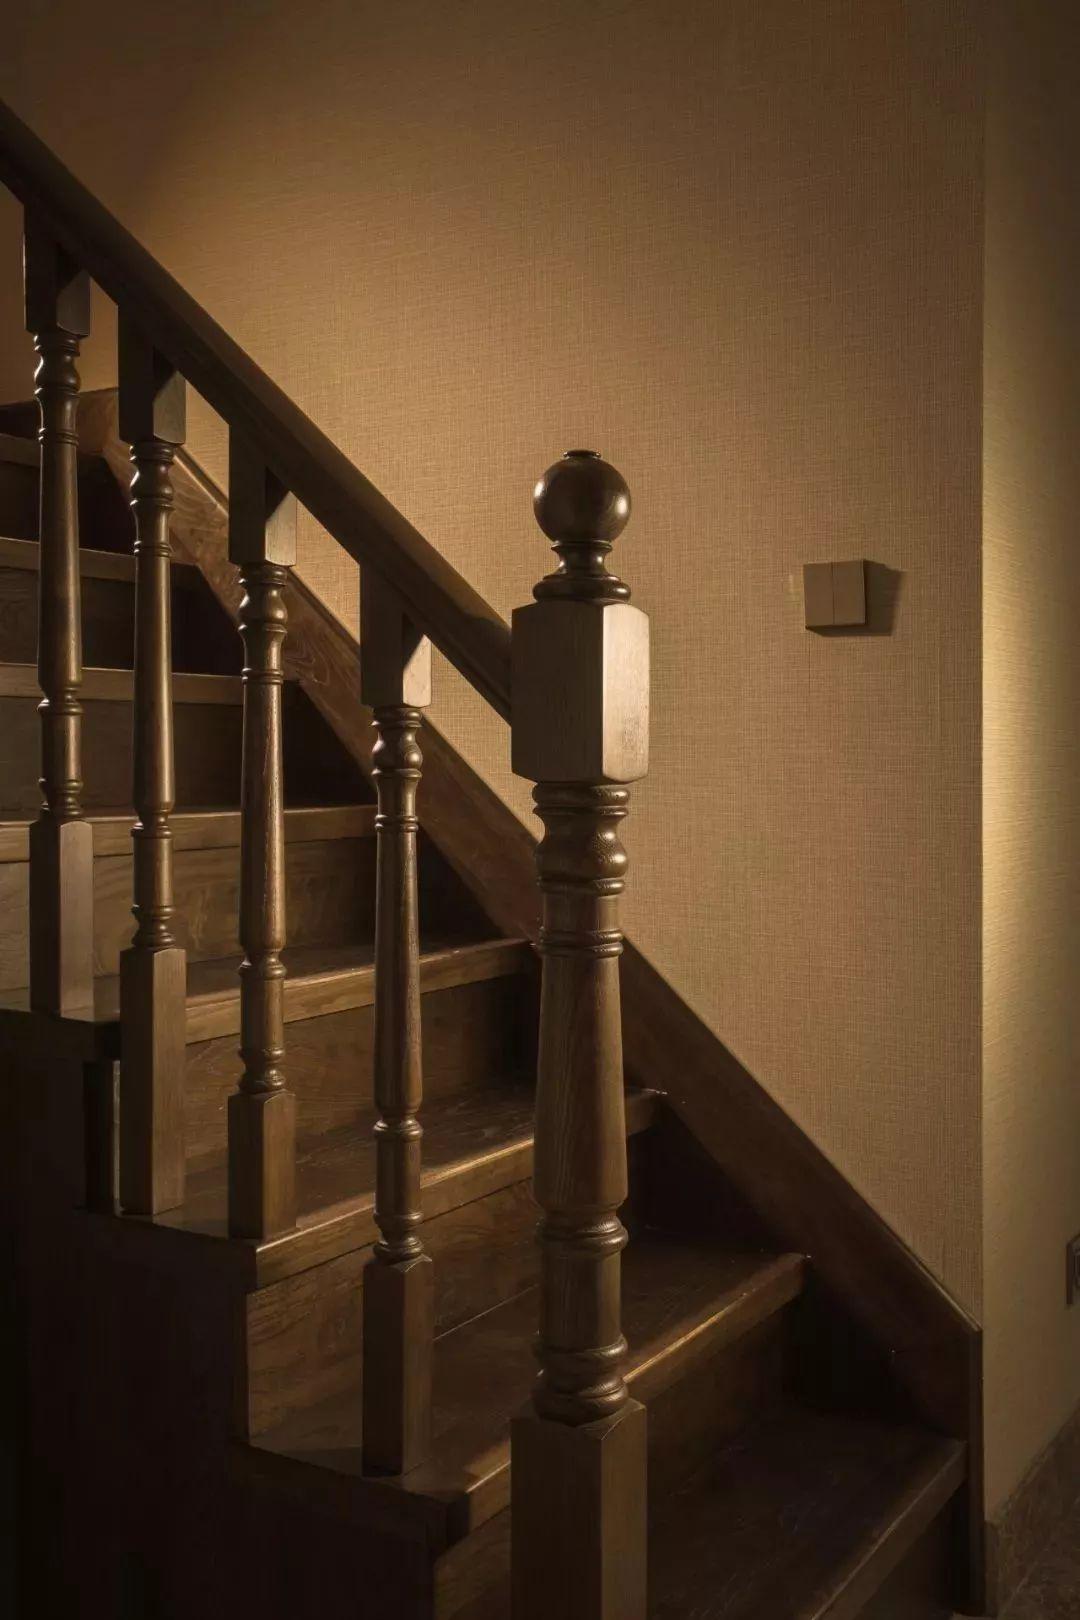 木质的楼梯踏步与扶手,整个给人的感觉也是格外的稳重大方,让人